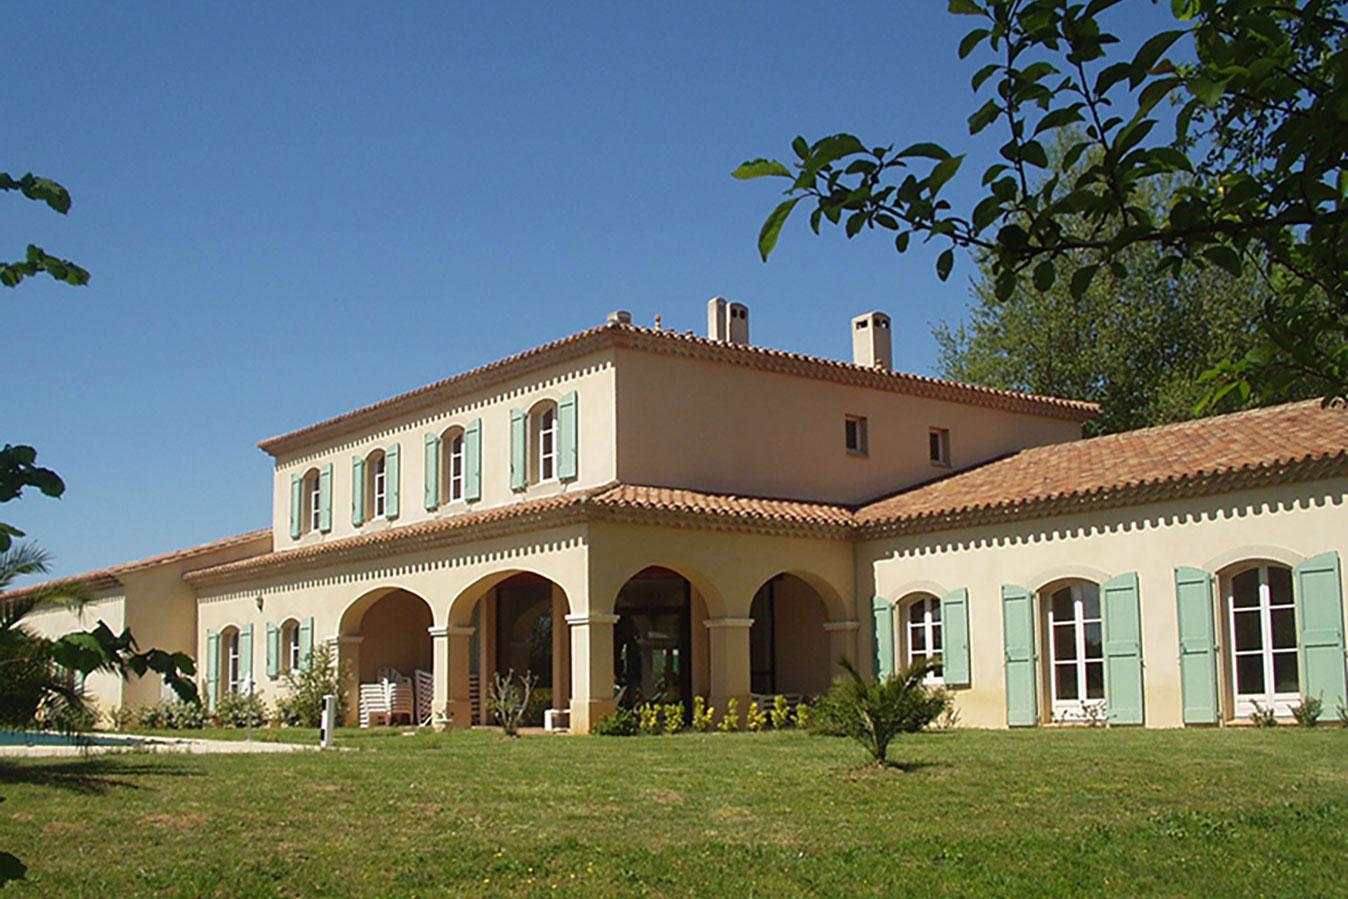 Galerie Photos De Lhtel La Bastide St Martin Carcassonne